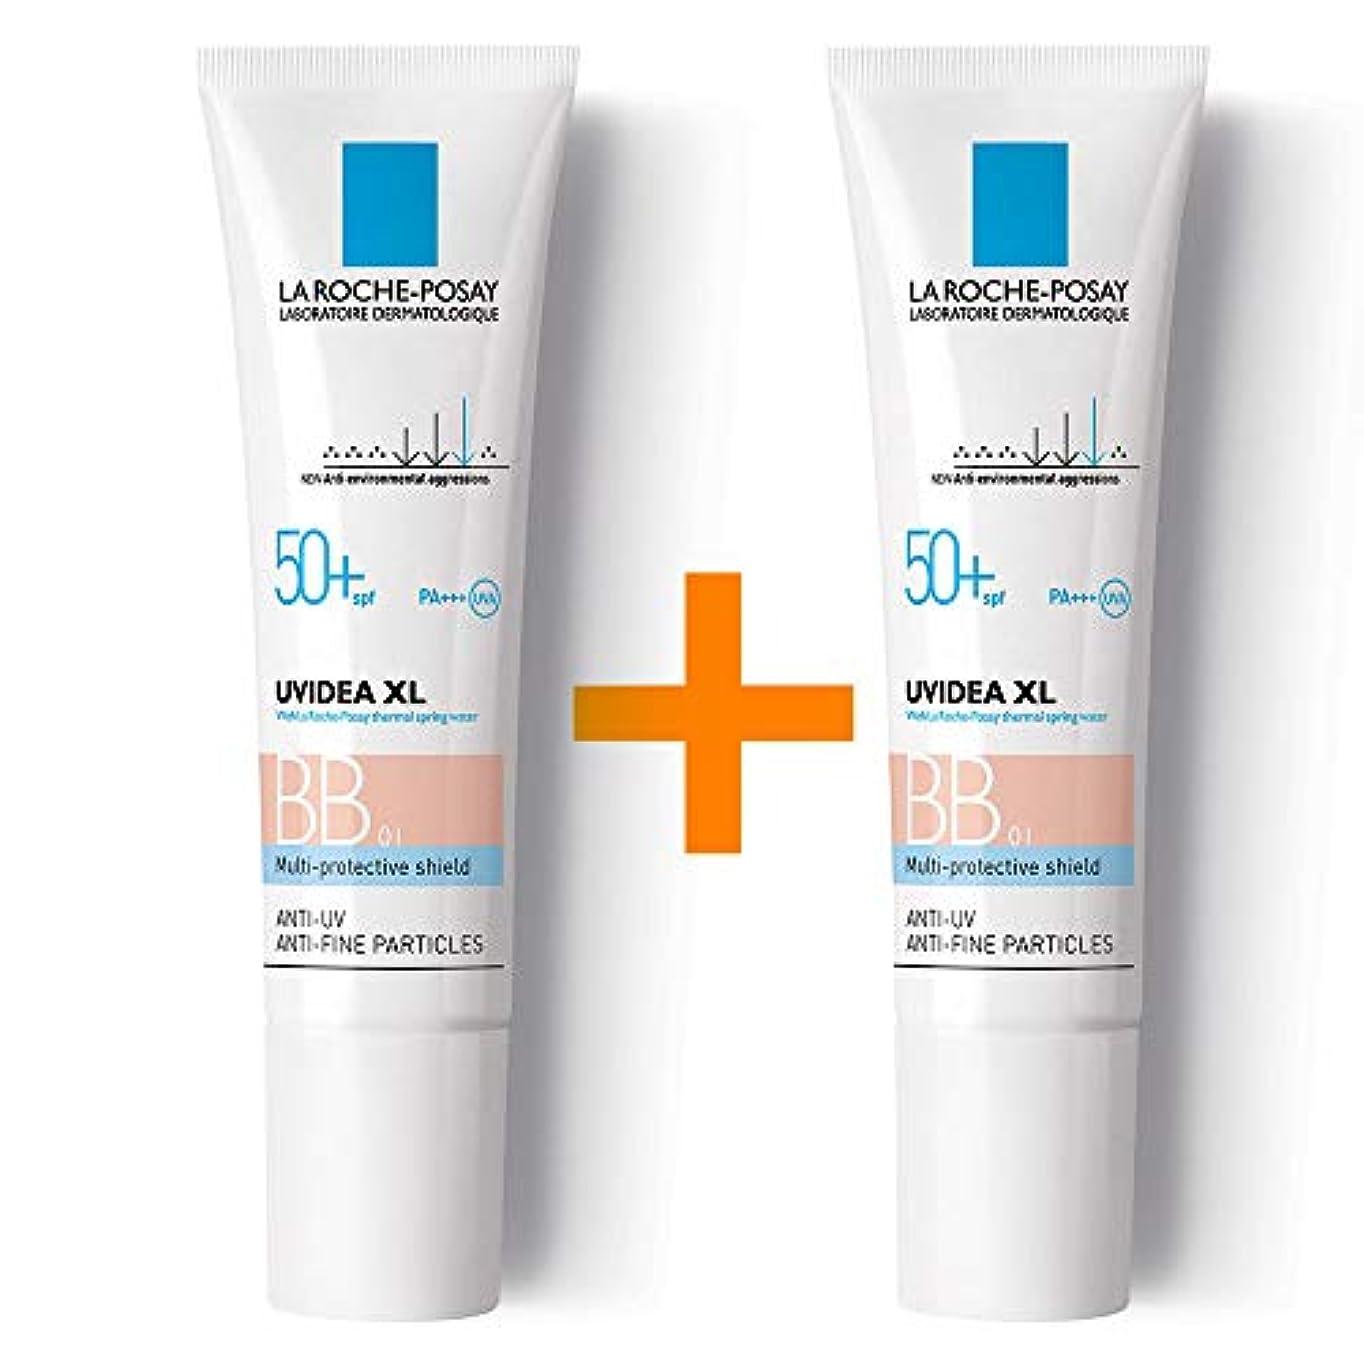 ディスカウントはさみ趣味[ 1 + 1 ] La Roche-Posay ラロッシュポゼ UVイデア XL プロテクションBB(01ライト) Uvidea XL BB Cream - #01 (30ml) SPF50+ PA++++ フランス日焼け止め